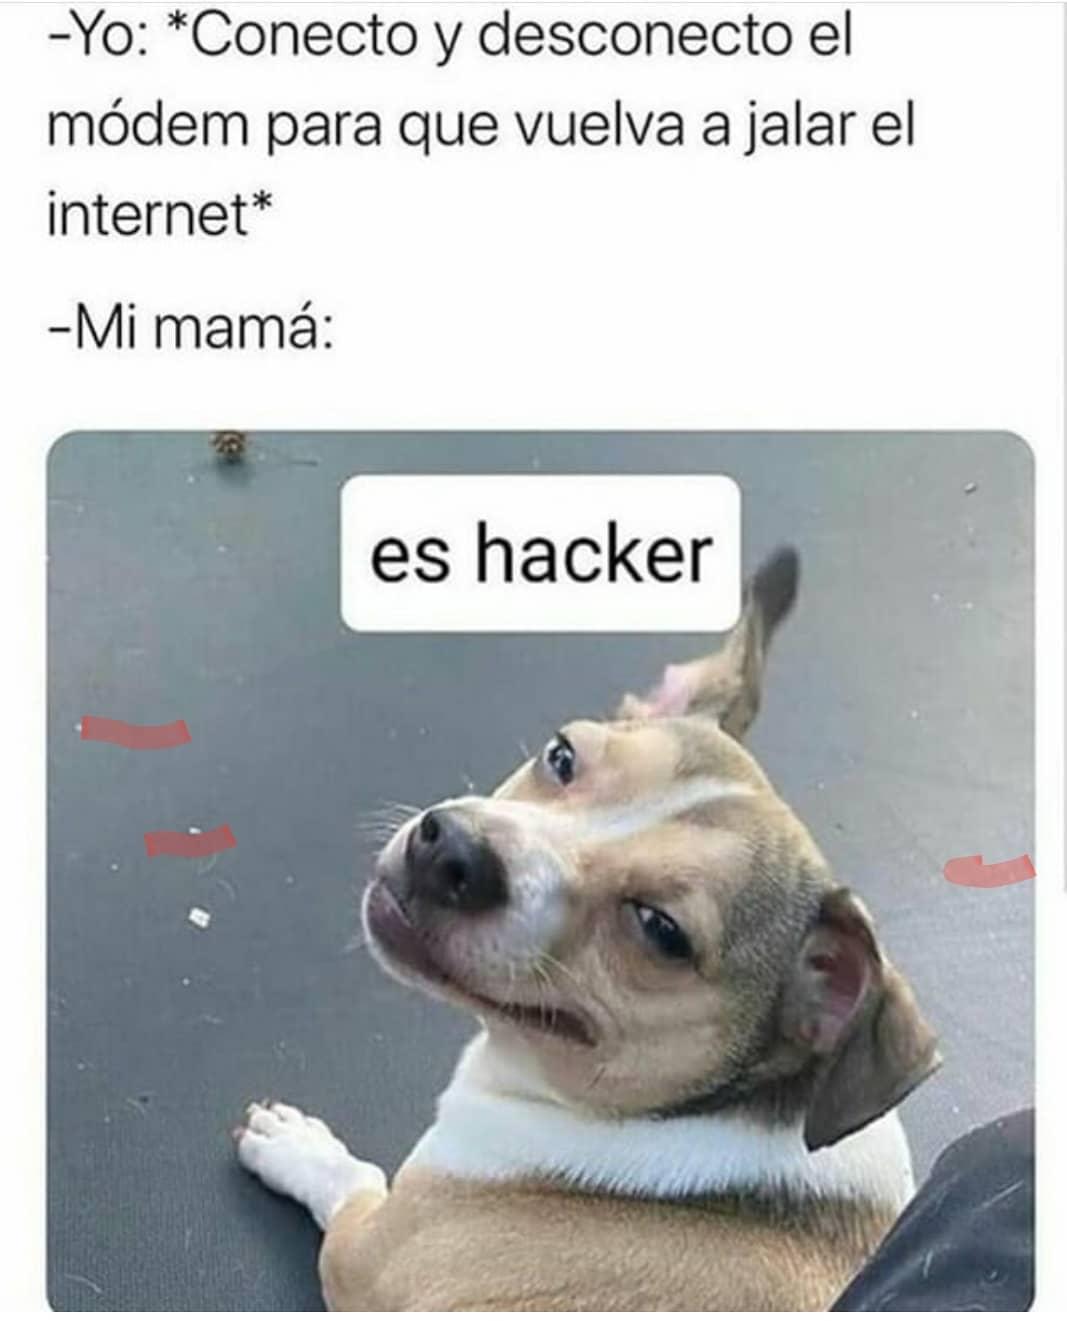 Yo: *Conecto y desconecto el módem para que vuelva a jalar el internet*  Mi mamá: es hacker.